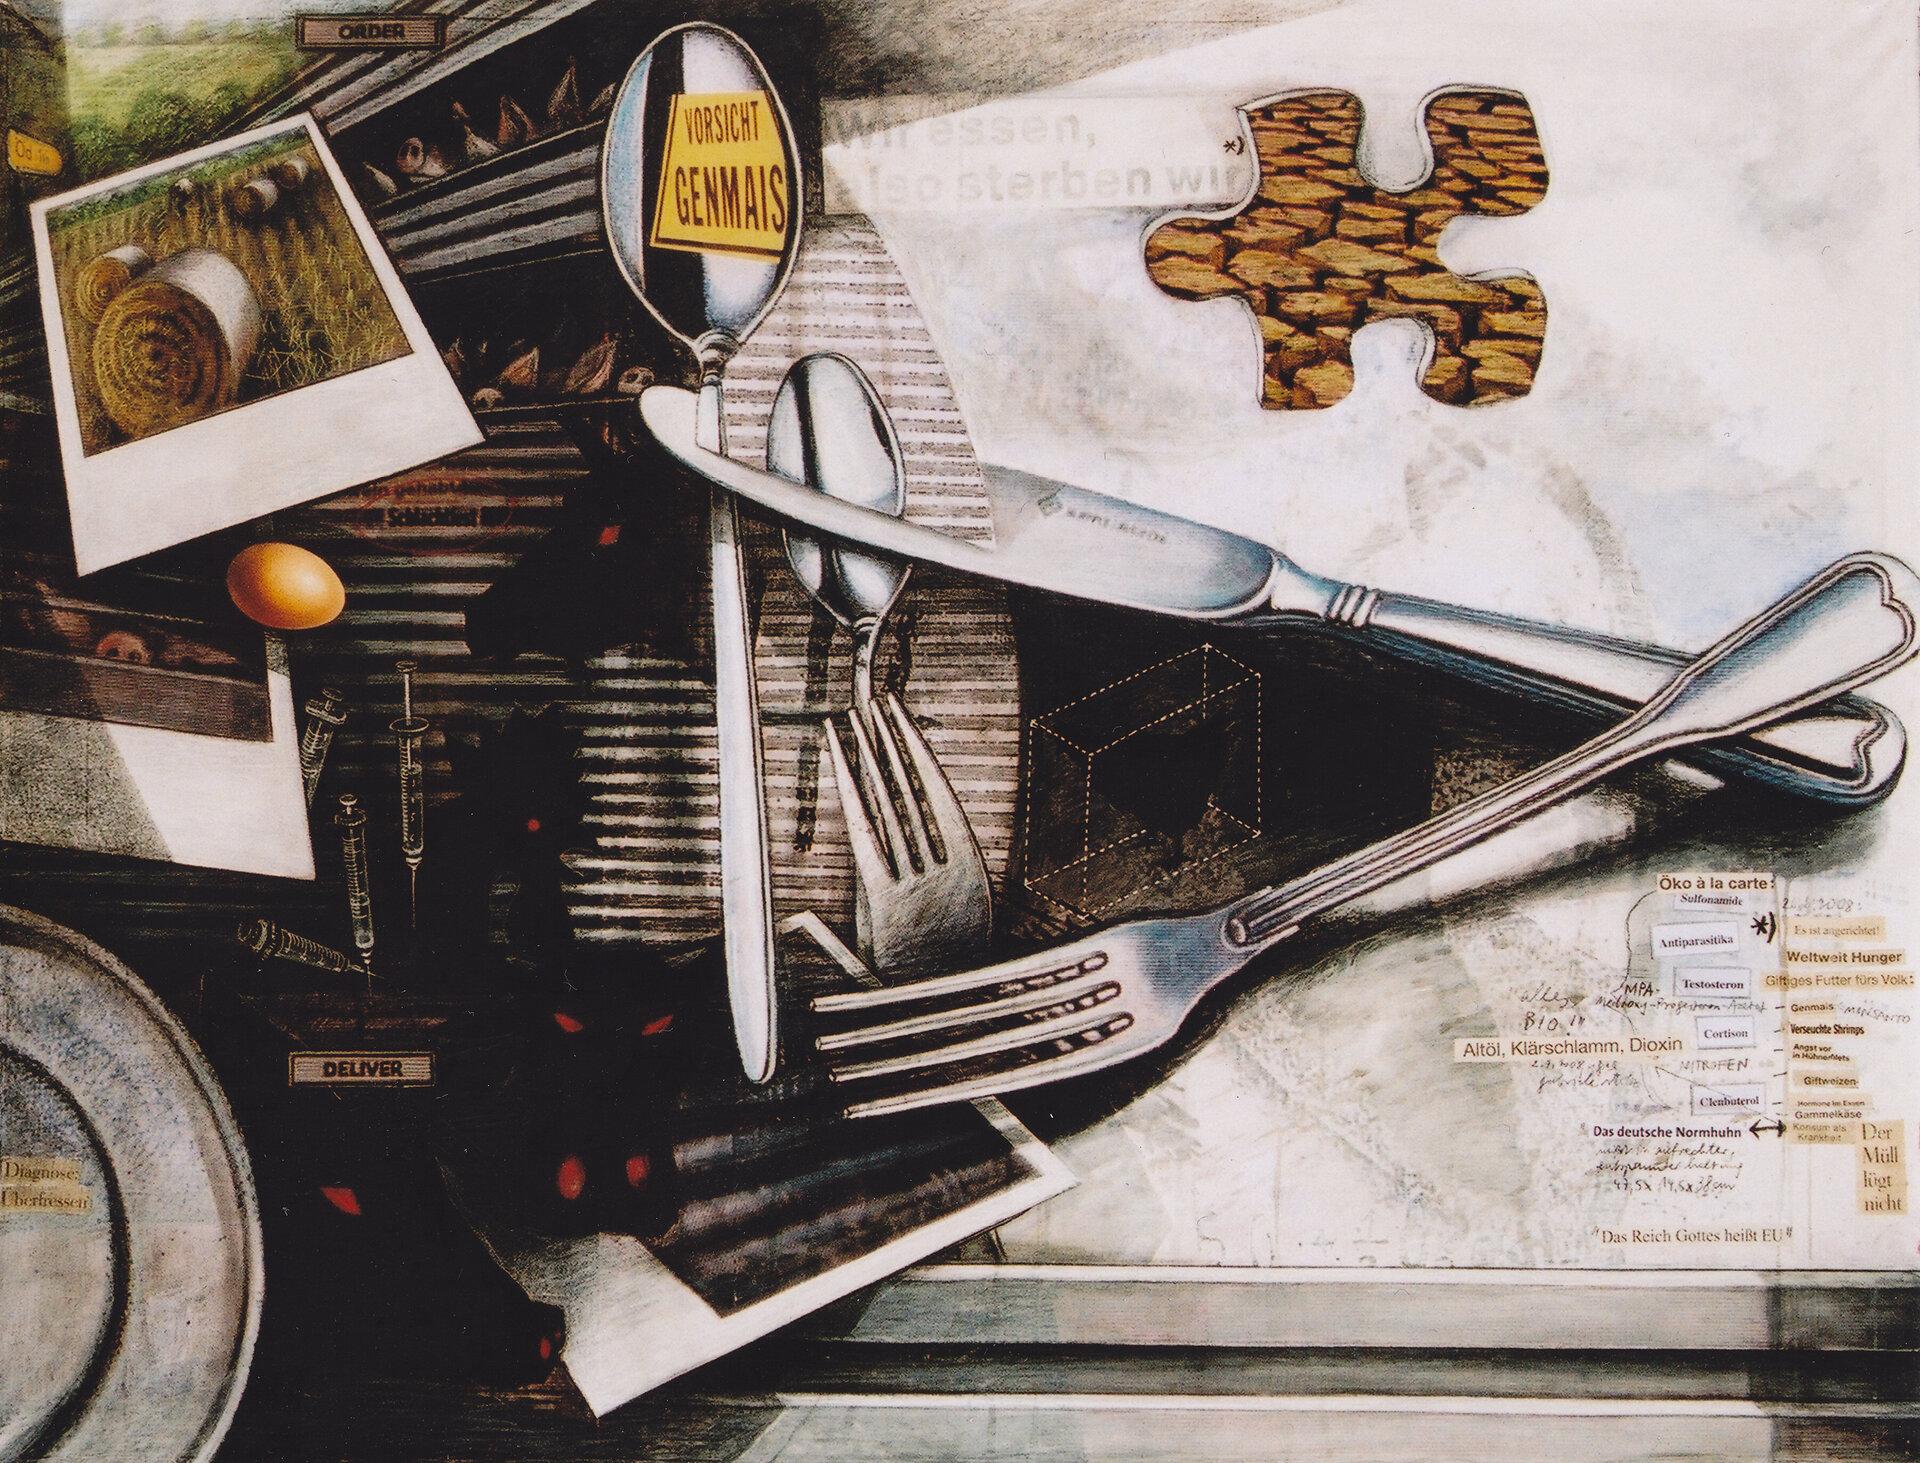 Mahlzeit - 90 x 120 cm, 2008